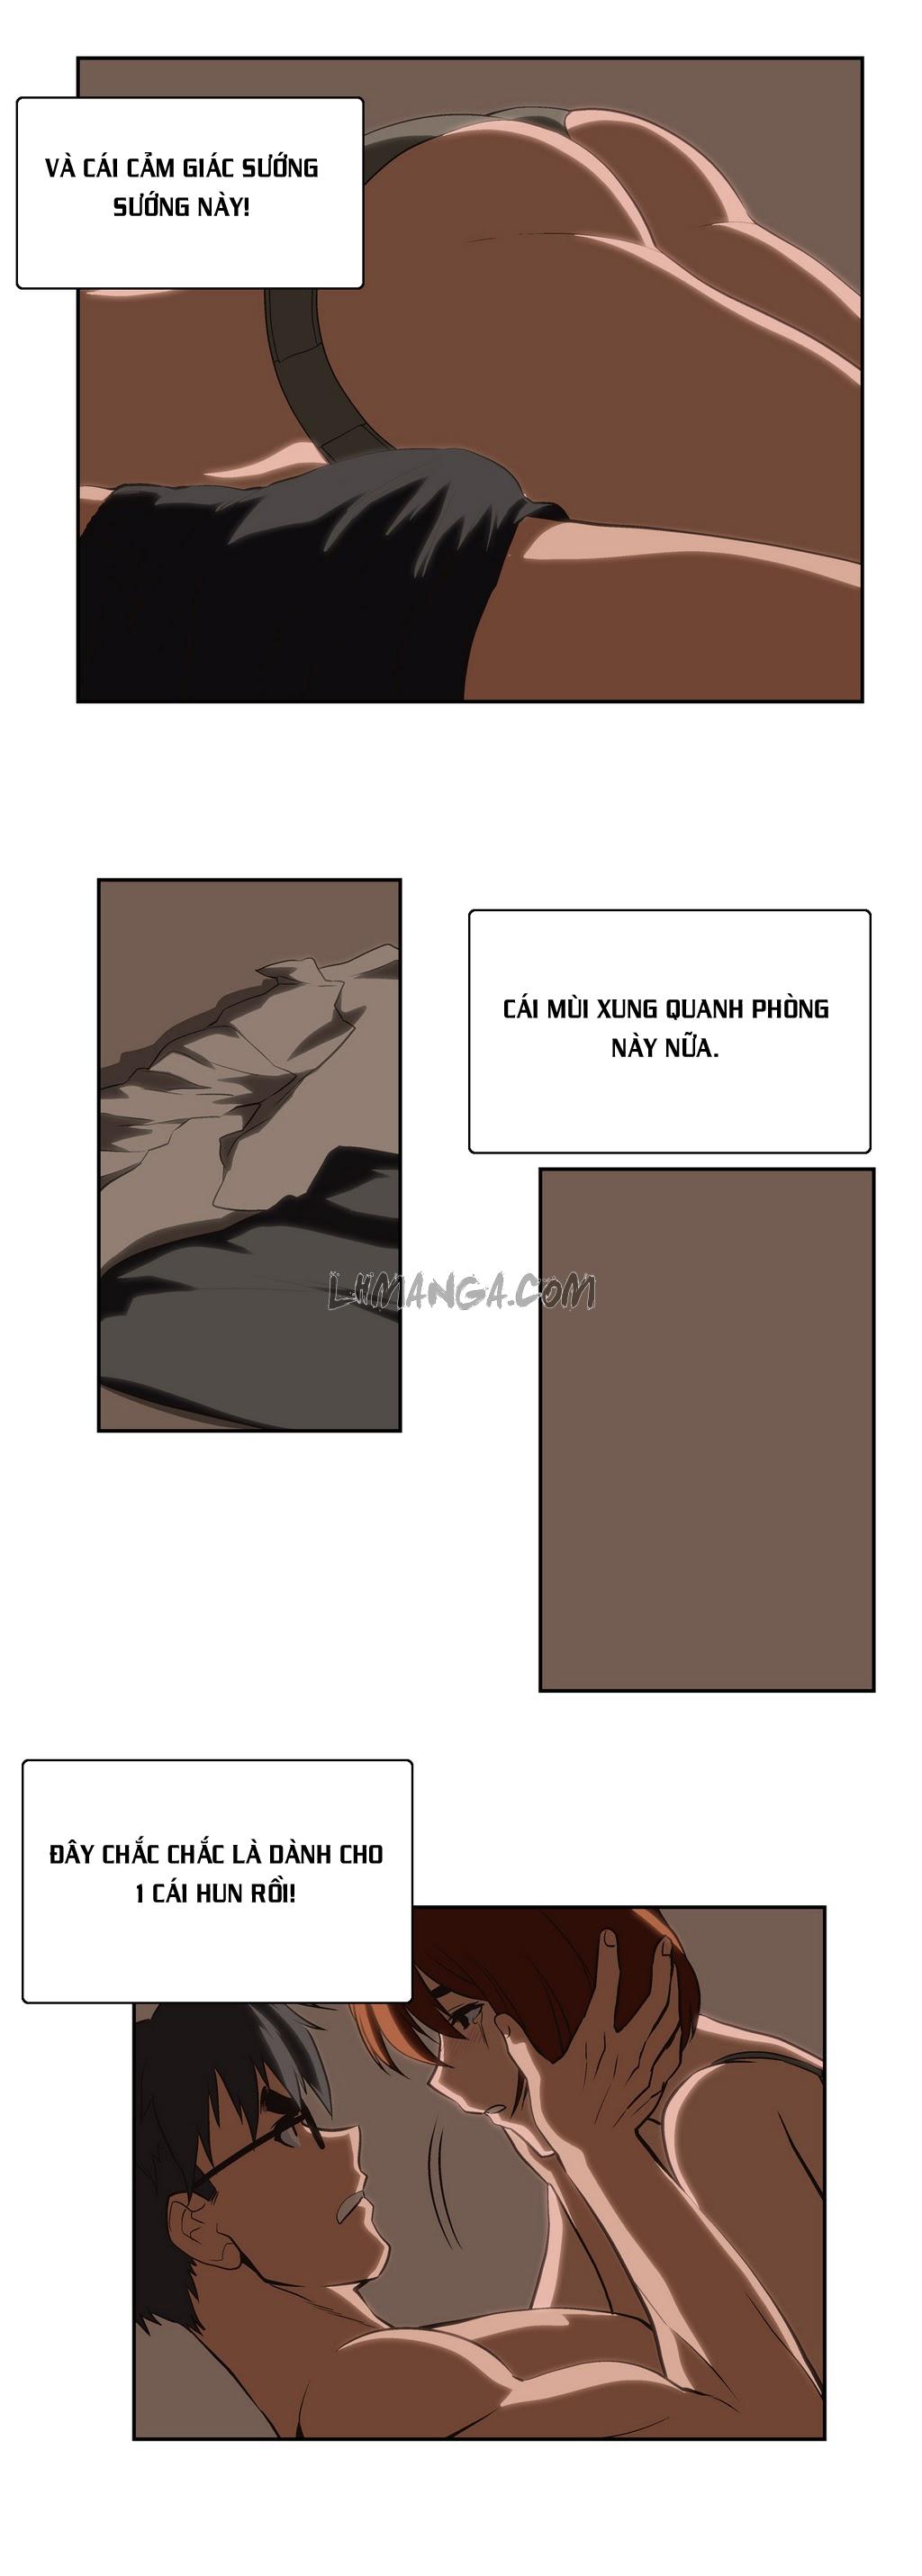 Hình ảnh HINH_00022 in Dàn Harem Của Thằng main Bựa